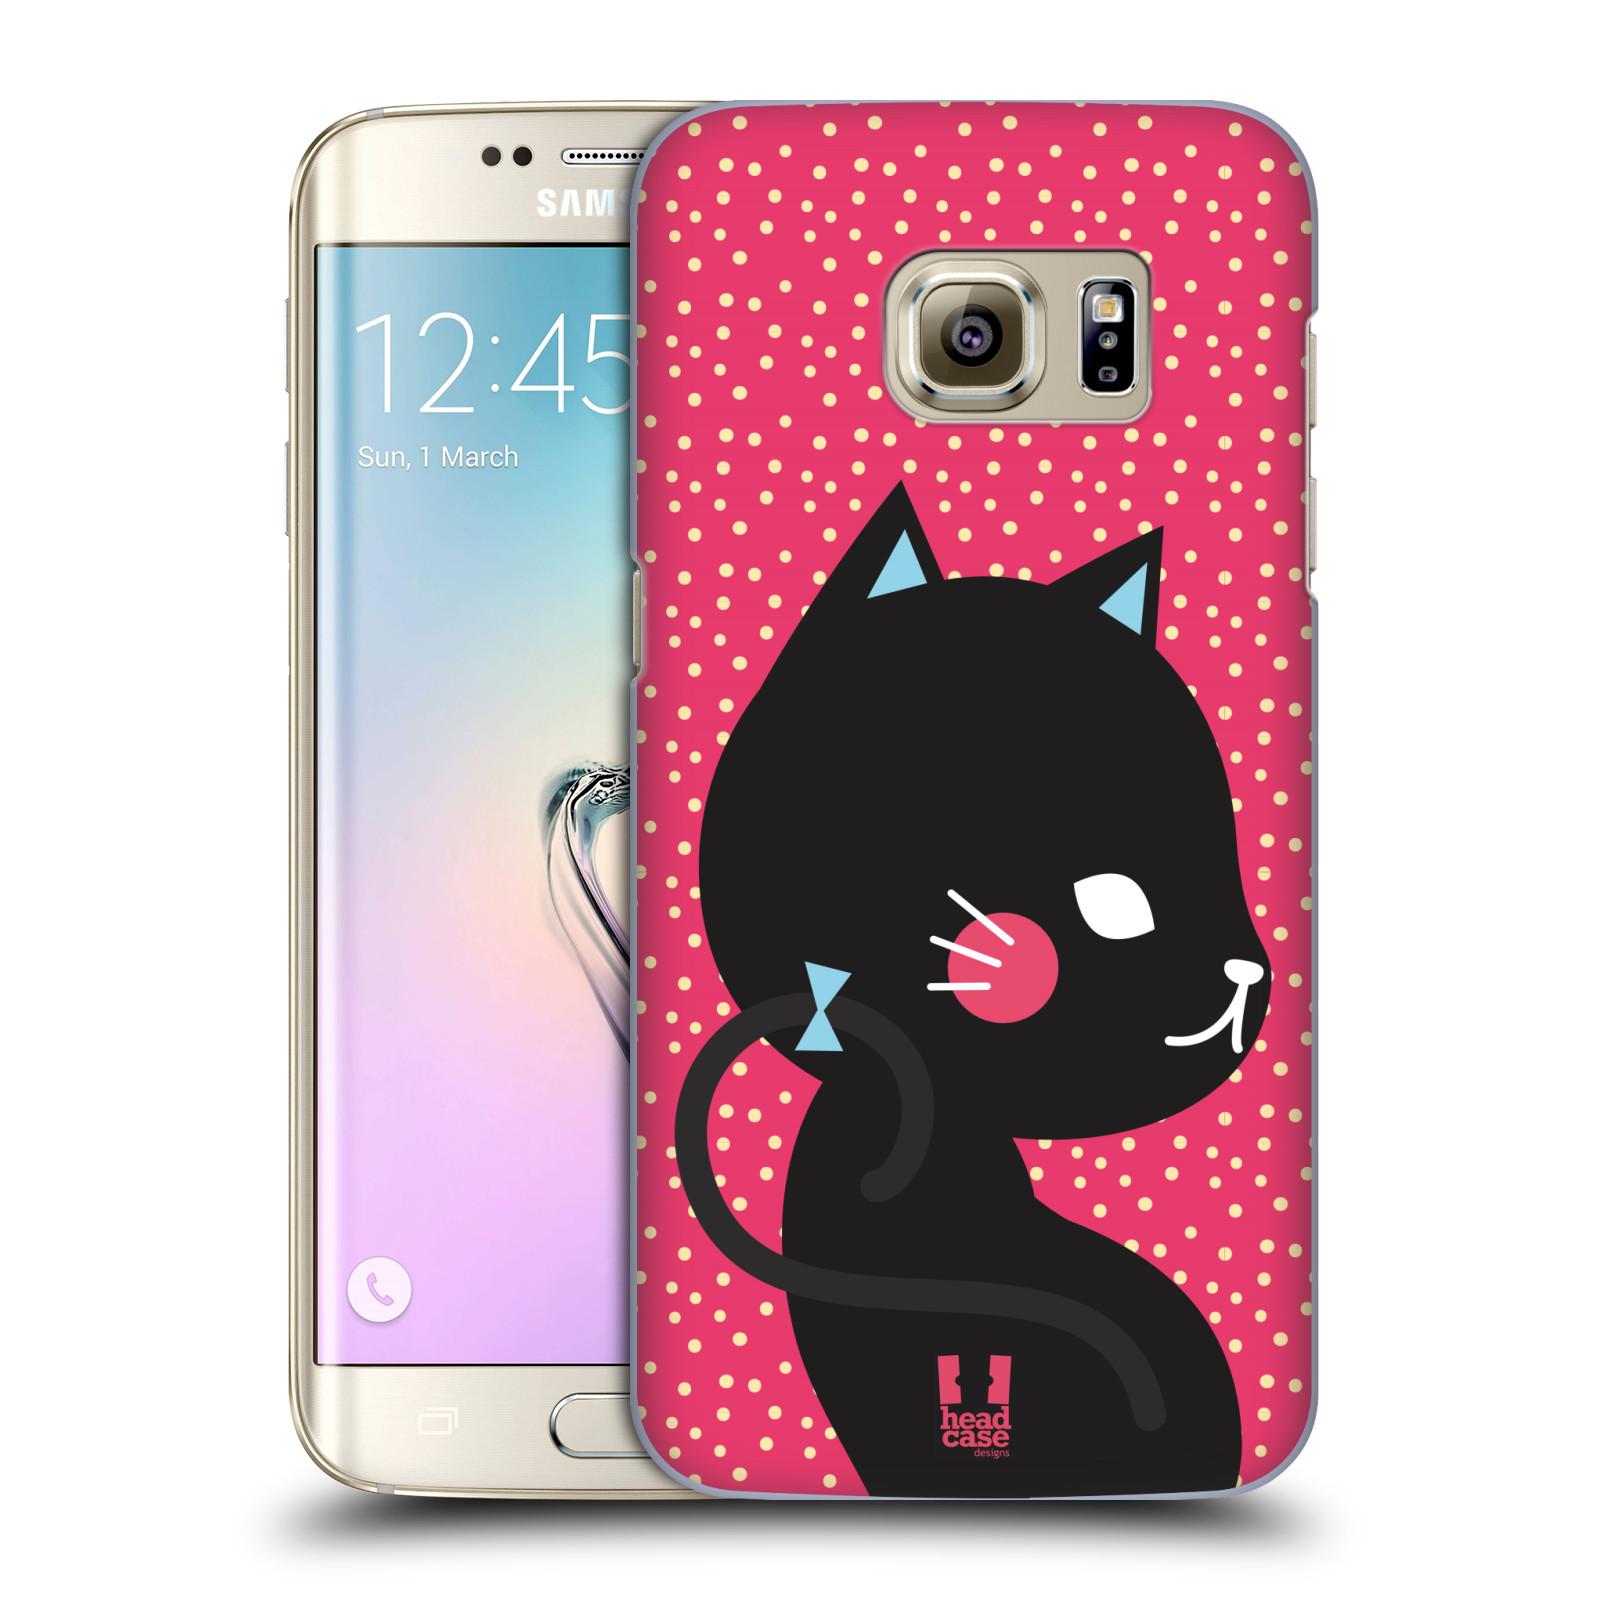 Plastové pouzdro na mobil Samsung Galaxy S7 Edge HEAD CASE KOČIČKA ČERNÁ NA RŮŽOVÉ (Kryt či obal na mobilní telefon Samsung Galaxy S7 Edge SM-G935F)